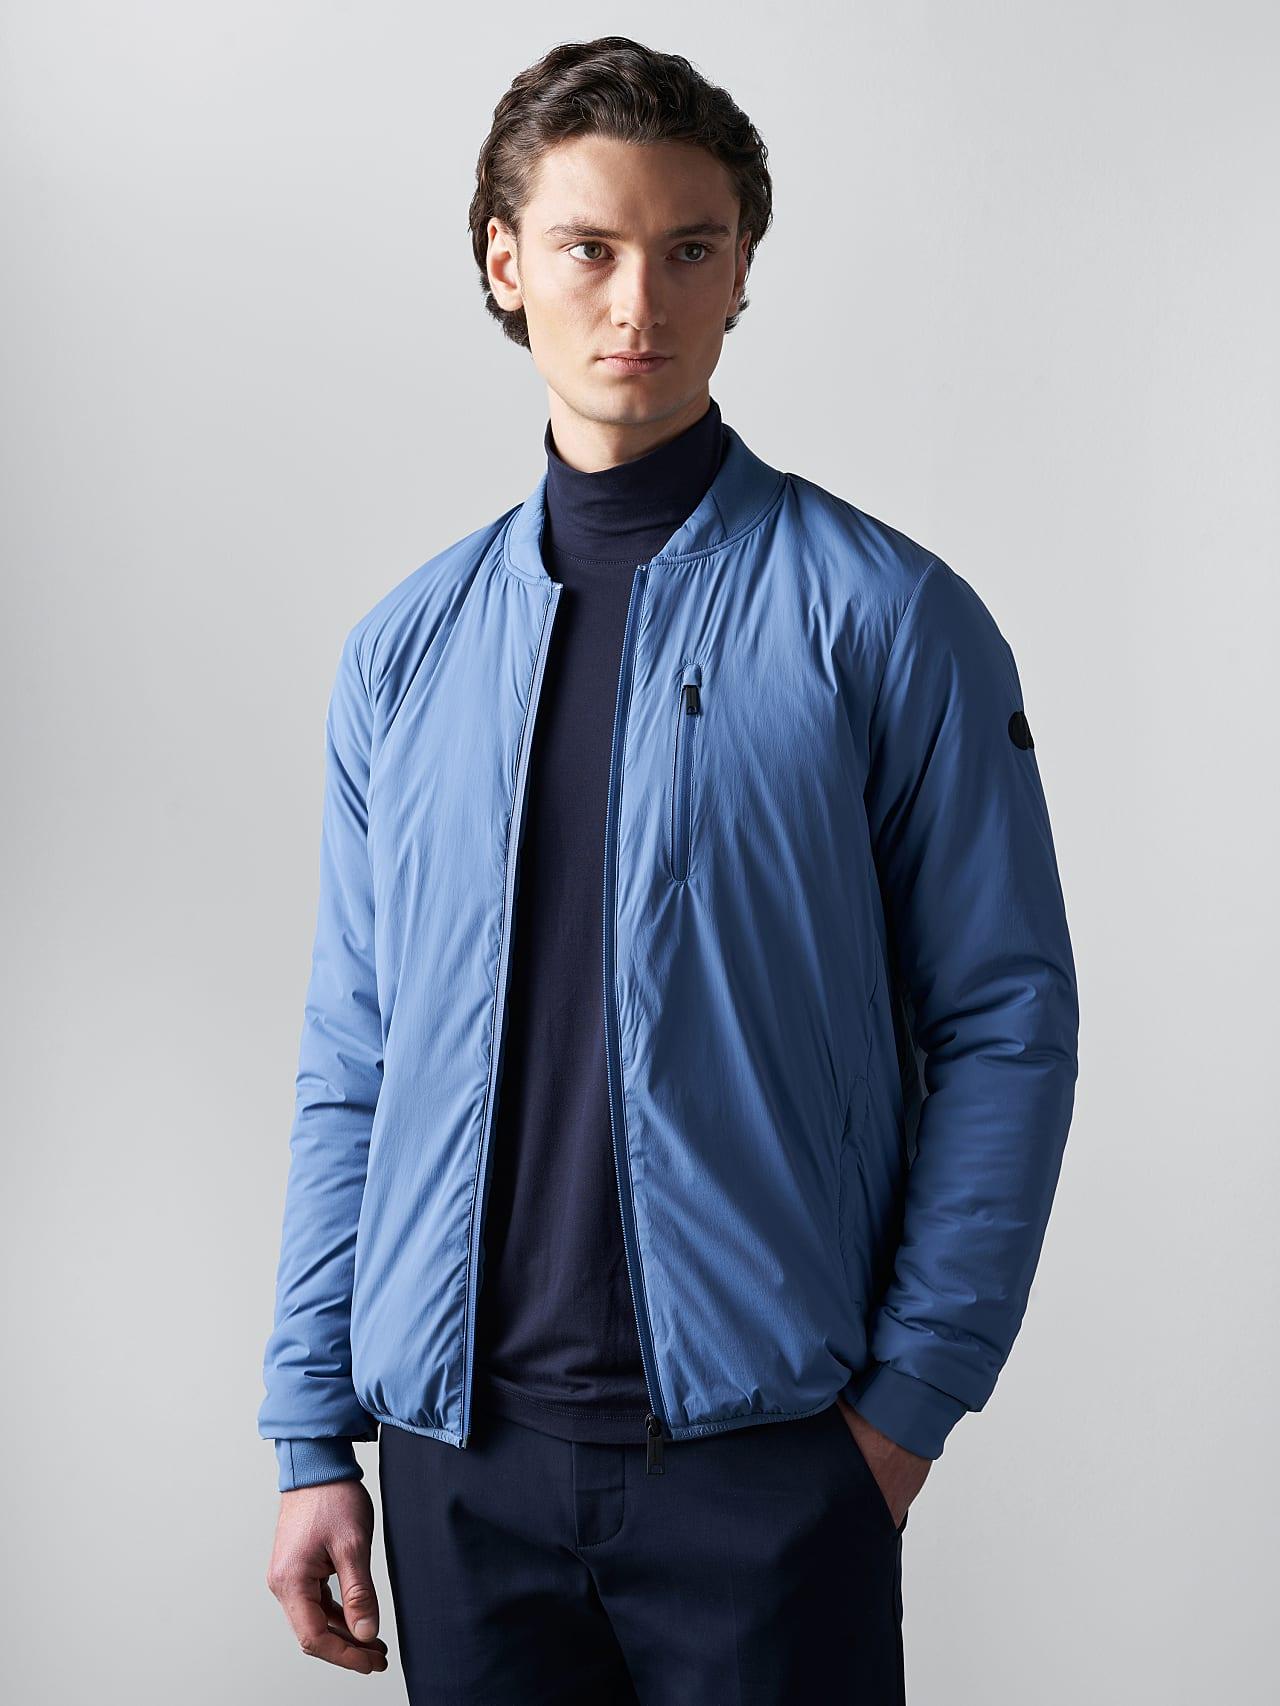 OPRIM V3.Y5.02 Padded PrimaLoft® Jacket light blue Model shot Alpha Tauri